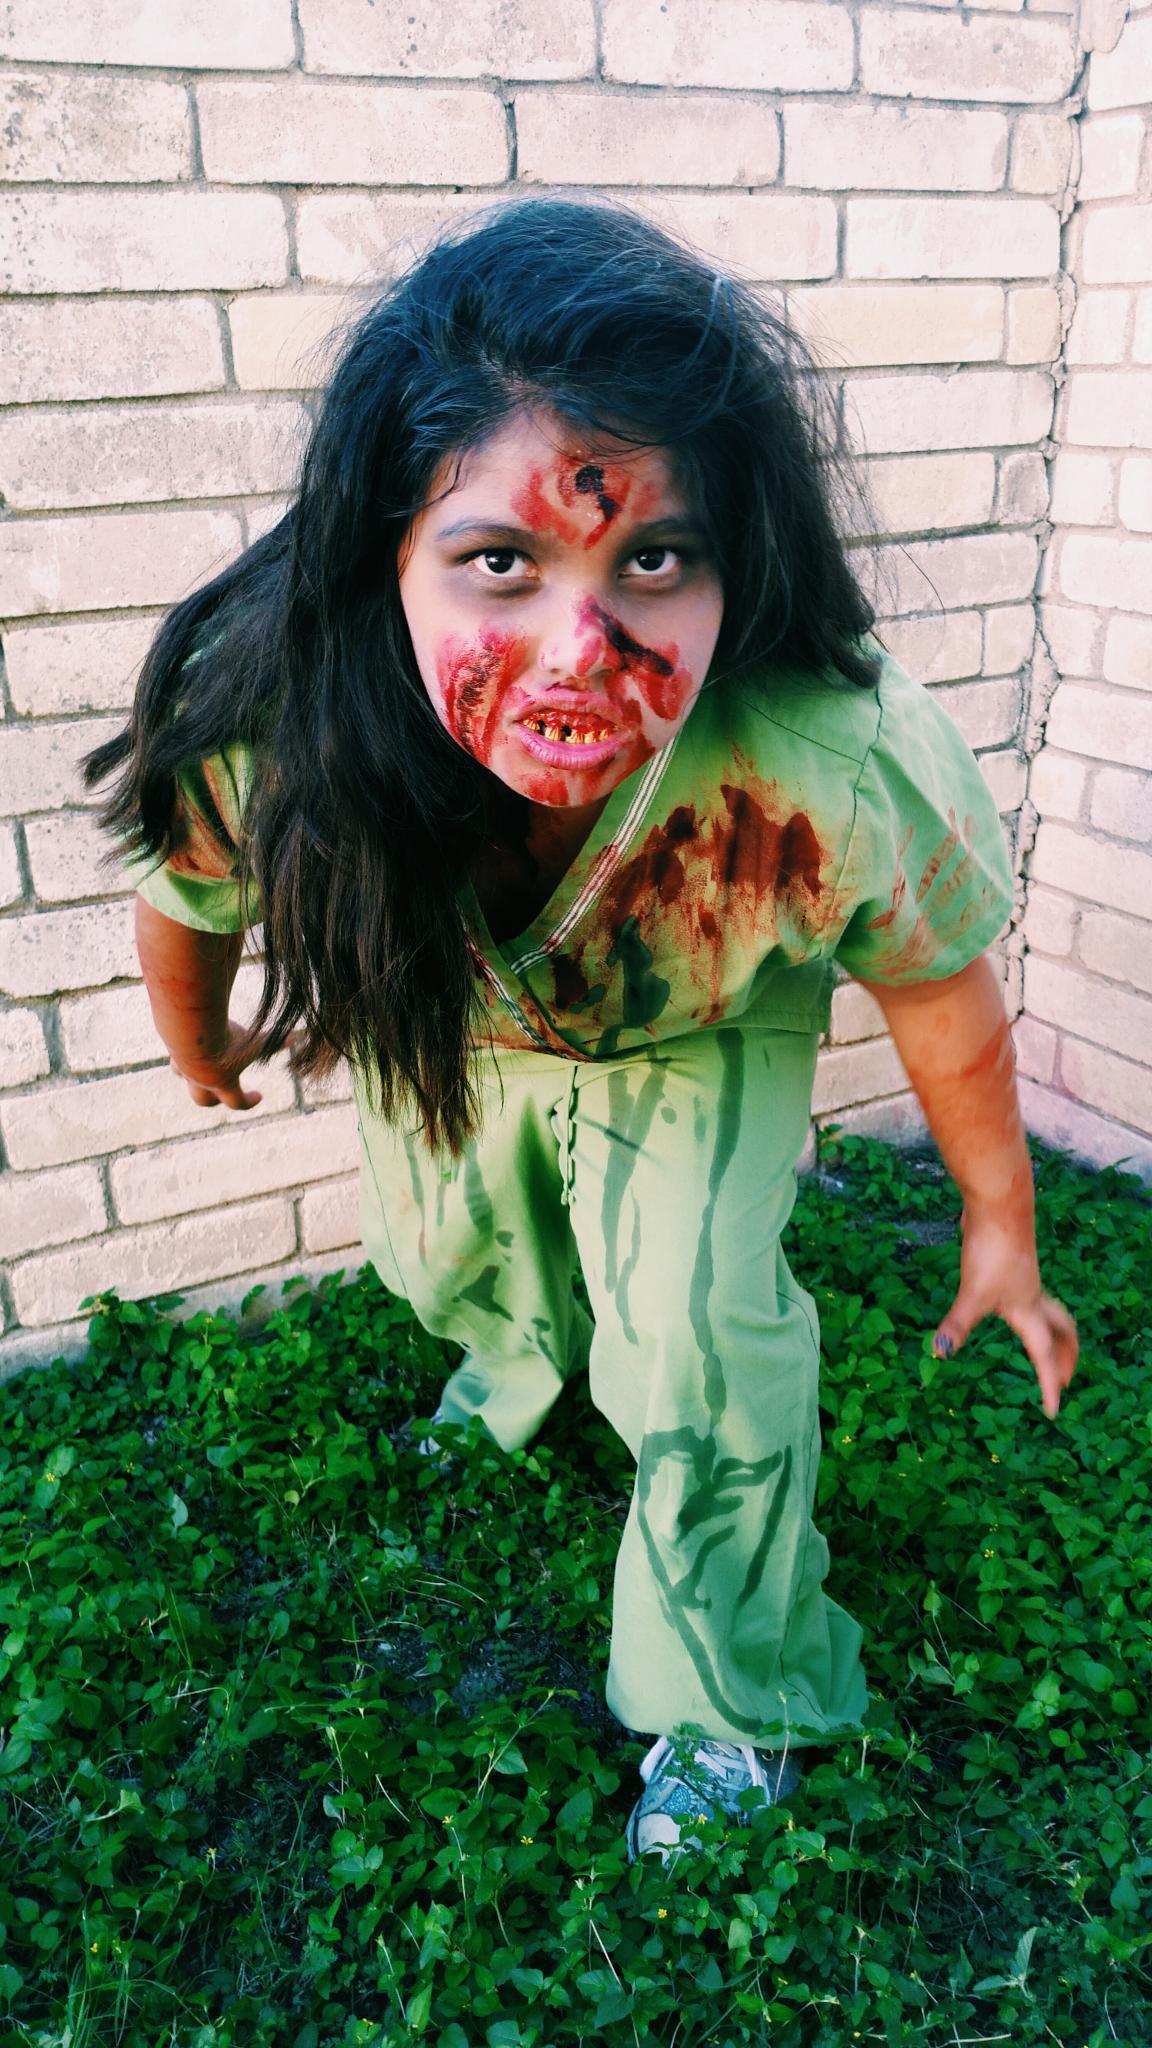 Zombie by Jasmina Heich